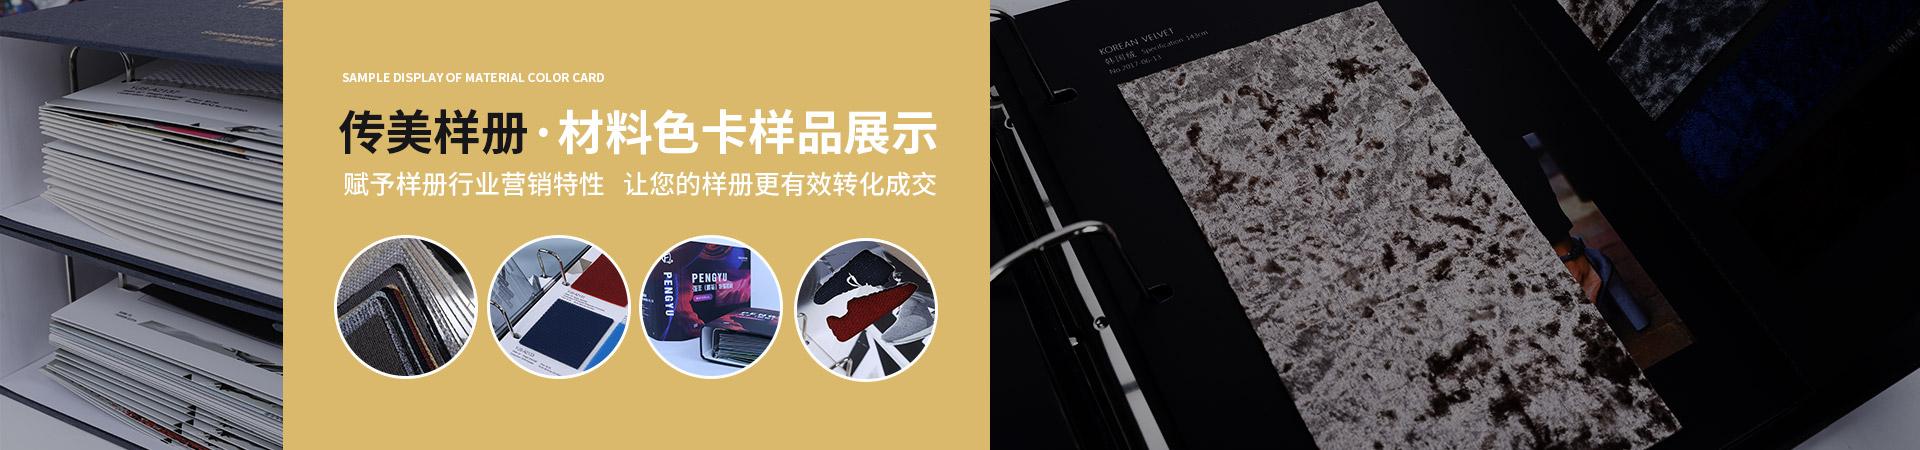 传美广告-传美样册·材料色卡样品展示